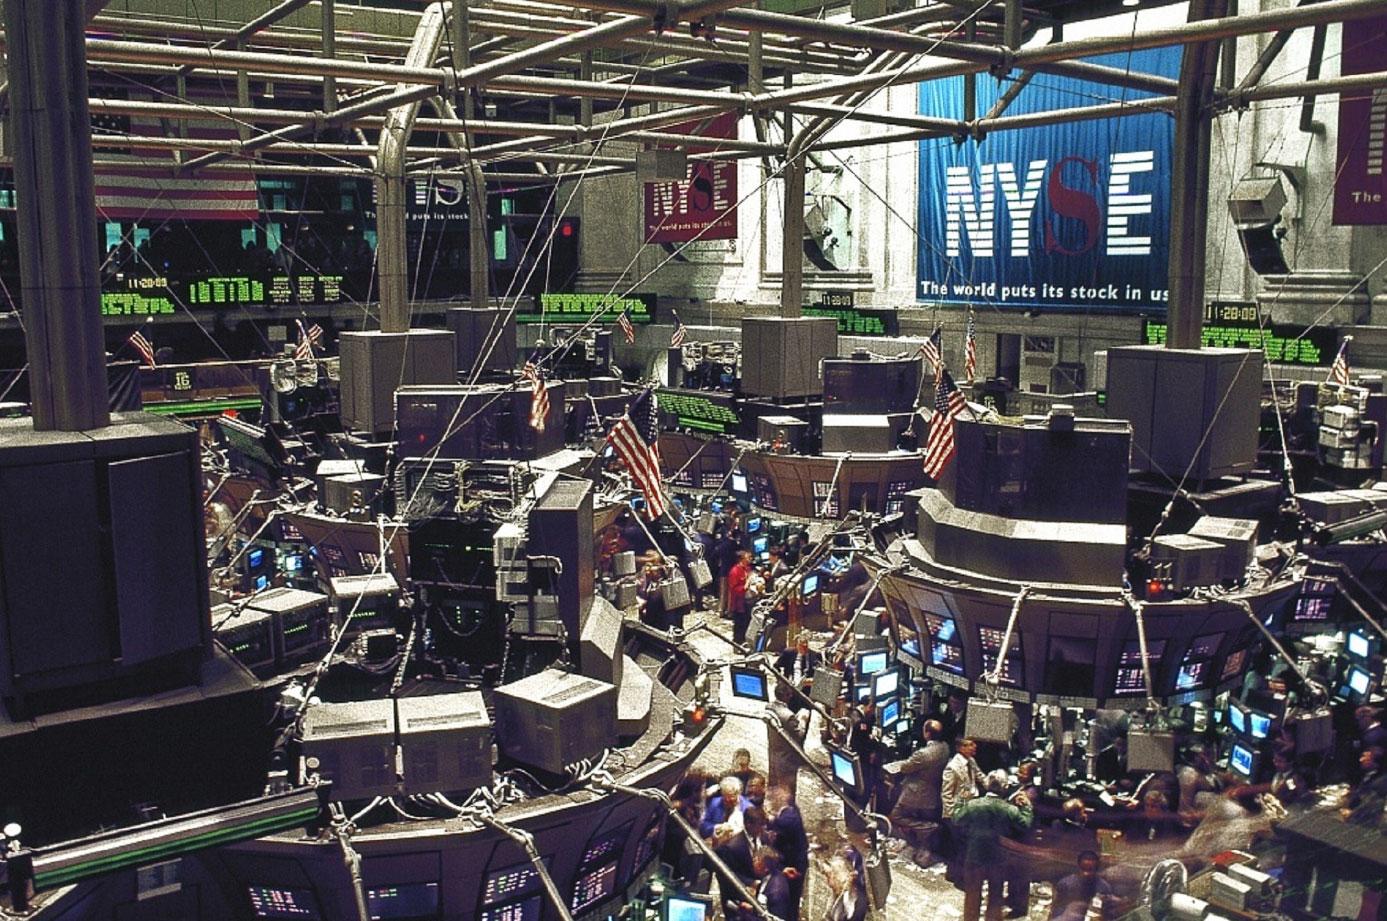 cover21 - سهام DOW بالاتر از بوئینگ قرار گرفته ، قیمت سهام بازار تکنولوژی در حال افزایش ناگهانی!